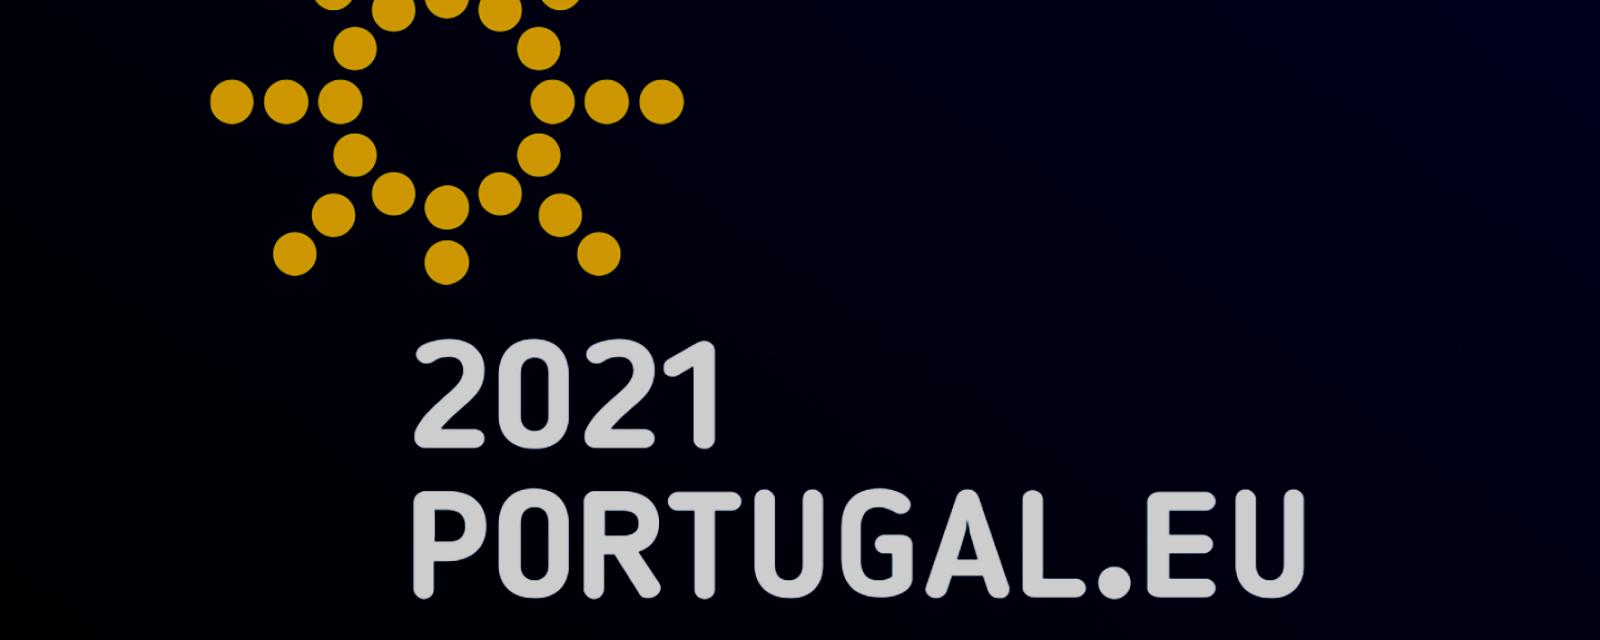 portugal.eu